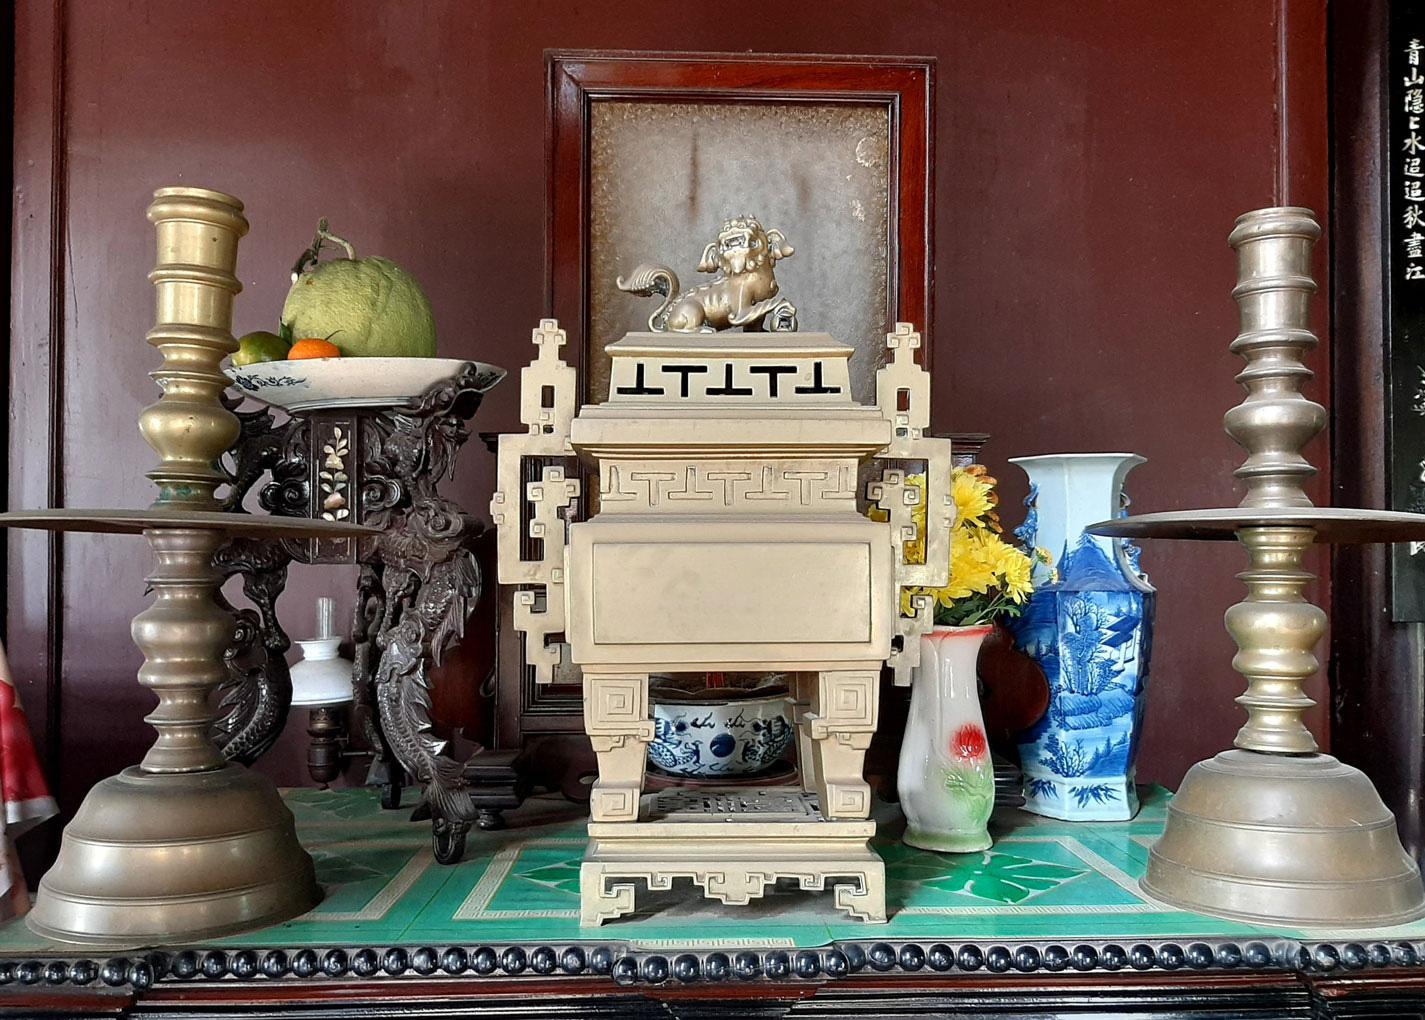 Long An: Xóm Nhà Giàu ở xứ trồng thanh long, nhà cổ, trong nhà cũng toàn đồ cổ, ai cũng trầm trồ - Ảnh 7.